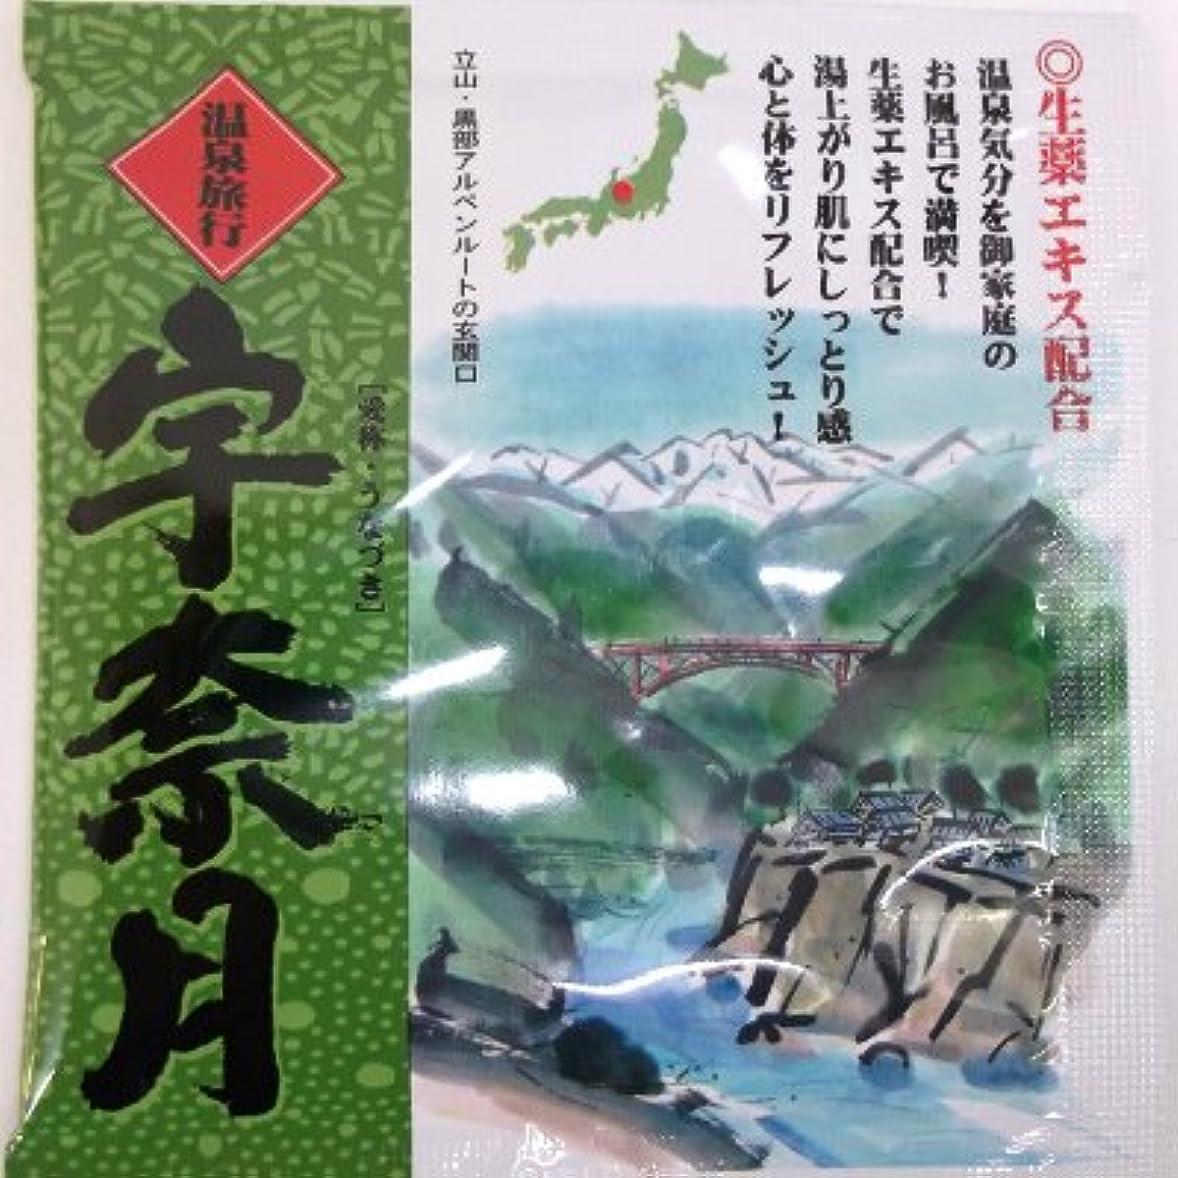 磁気行くマニフェスト温泉旅行 宇奈月